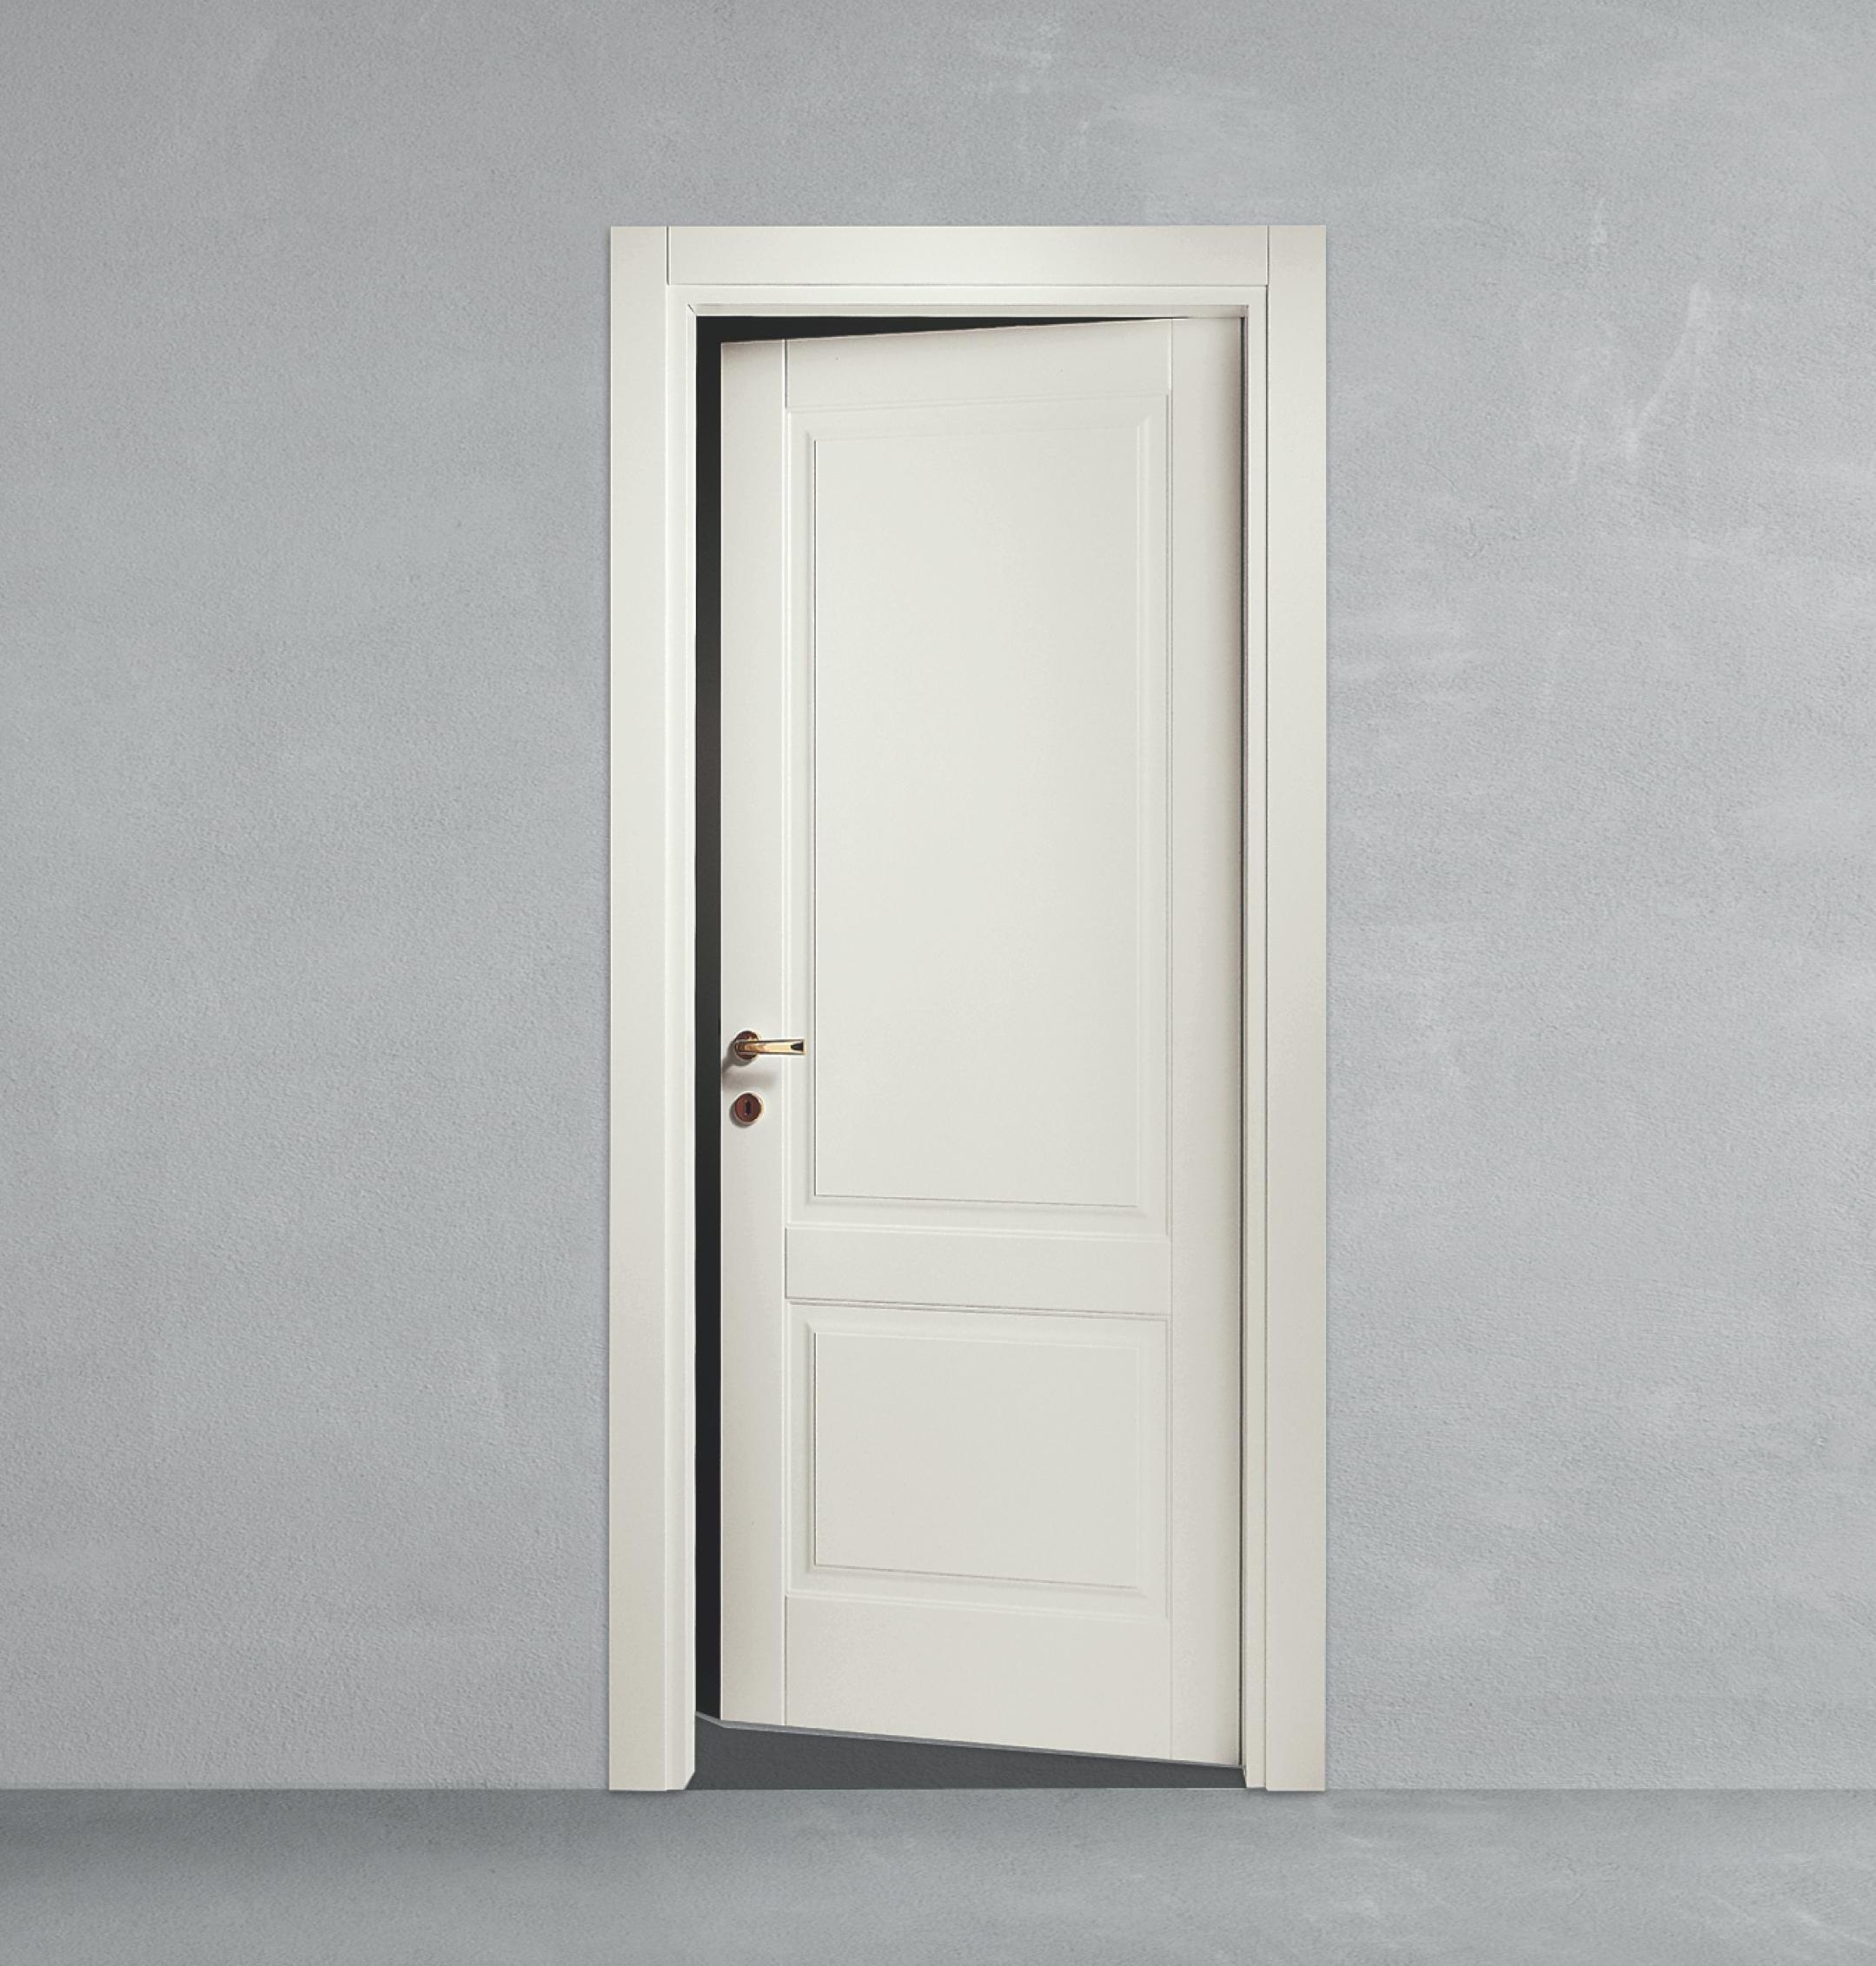 Porta a battente in legno classica da calestani a parma for Porte a battente